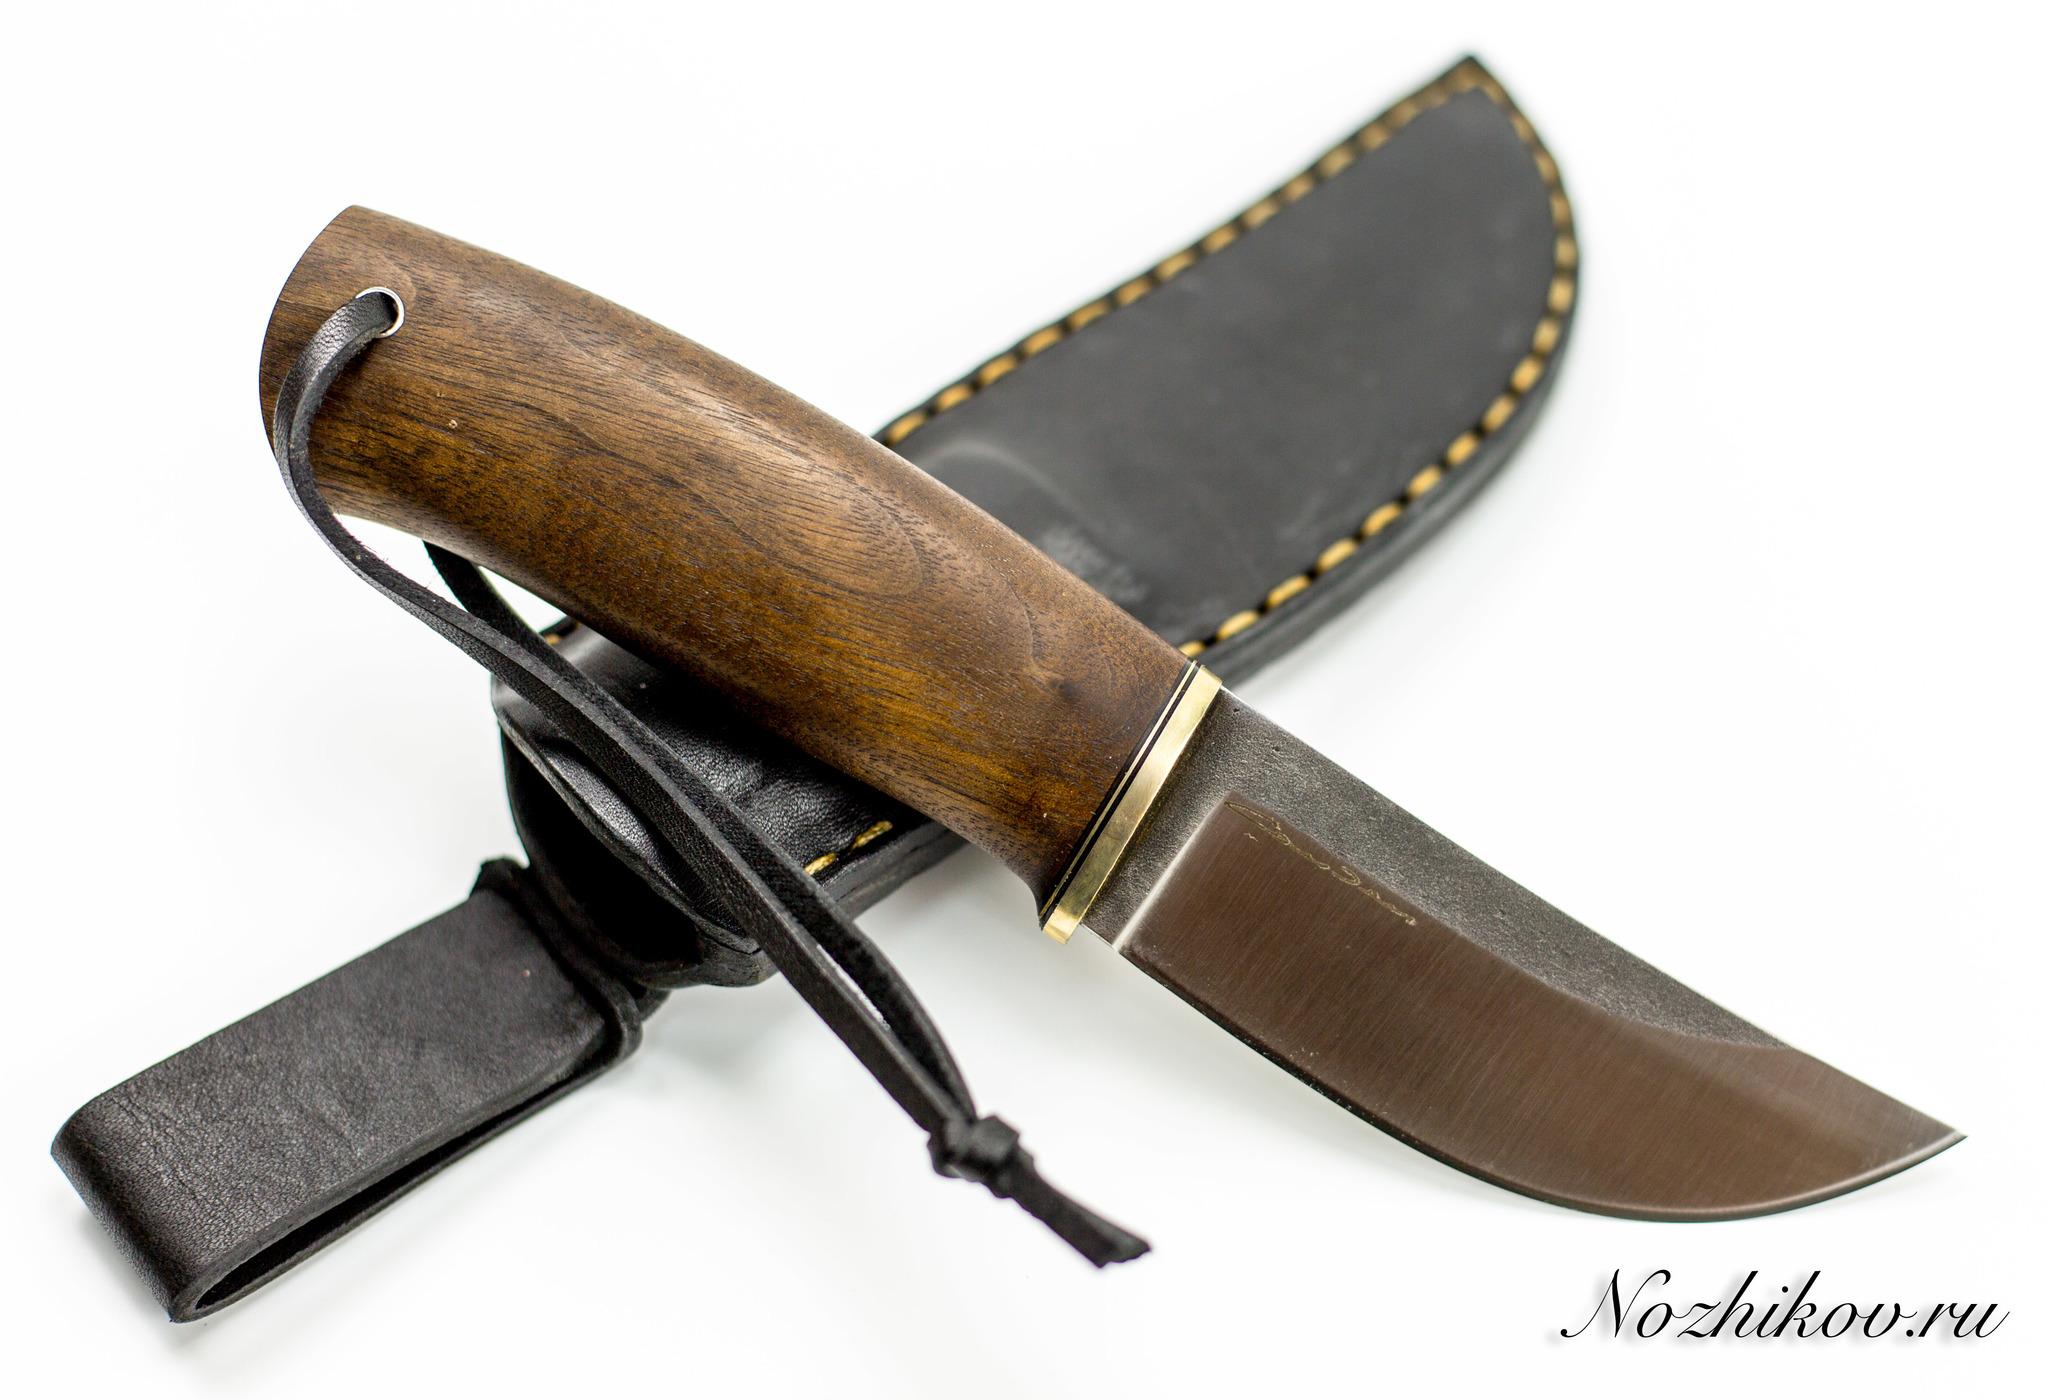 Нож Шмель, сталь K110, орехНожи Староминск<br>Многофункциональный нож Шмель, сталь K110, орех подходит для приготовления пищи во время туристических походов. С его помощью также можно зачистить древесину или перерезать небольшой трос. У него небольшой вес, поэтому обеспечен комфорт при выполнении любых работ.<br>Нож Шмель, Sander сделан из стали К110 – австрийского аналога стали D2. Она долго сохраняет остроту режущей кромки и характеризуется средней ударной вязкостью. Стойкость к коррозии у нее такая же, как у нержавеющей стали (изделия практически не ржавеют). Рукоять из натуральной древесины ореха тщательно зачищена и не повреждает кожу рук.<br>Реализуется нож Шмель, Сандер вместе с ножнами, изготовленными из натуральной кожи.<br>